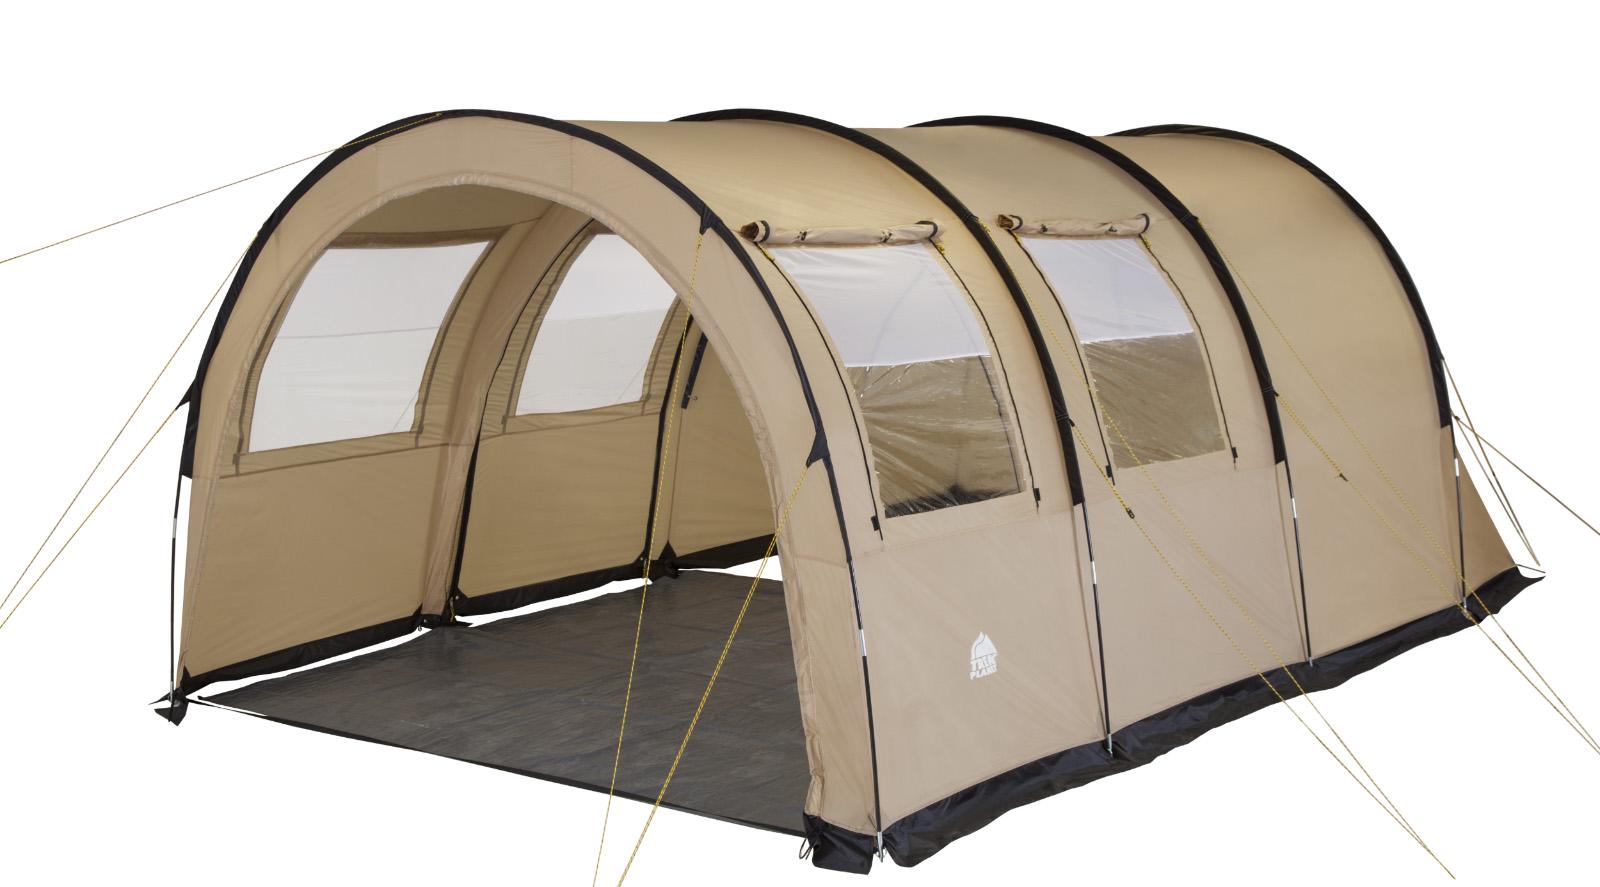 """Пятиместная двухслойная семейная палатка в форме полубочки TREK PLANET """"Vario 5"""" с отличной вентиляцией и огромным помещением, позволяющим с комфортом расположиться внутри всей семьей или небольшой компании отдыхающих  - отличный выбор для семейного кемпинга и отдыха на природе.Особенности модели:- Размер спальной комнаты: 240 см х 350 см х 210 см;- Тент палатки из полиэстера с пропиткой PU надежно защищает от дождя и ветра;- Все швы проклеены;- Большое и высокое внутреннее помещение, где свободно размещается кемпинговый стол и стулья на 4-5 человек;- Съемный пол в тамбуре из армированного полиэтилена;- Передняя стенка палатки может быть перестегнута на вторую секцию дуг, образуя козырек перед палаткой, а также может быть снята совсем;- Четыре обзорных окна со шторкой во внутреннем помещении, совмещенные с вентиляционными окнами.- Защитная юбка из армированного полиэтилена по периметру внутреннего помещения;- Большой выносной козырек на металлических стойках;- Дуги из прочного стеклопластика;- Дно из прочного водонепроницаемого армированного полиэтилена позволяет устанавливать палатку на жесткой траве, песчаной поверхности, глине и т.д.;- Внутренняя палатка из """"дышащего"""" полиэстера, обеспечивают вентиляцию помещения и позволяют конденсату испаряться, не проникая внутрь палатки;- Трехпозиционные вентиляционные окна в спальных отделениях (закрыто, частично открыто, полностью открыто);- Разделительная перегородка в спальном отделении;- Раздельный вход в каждое спальное отделение;- Москитные сетки на на каждом входе во внутреннюю палатку в полный размер двери;- Внутренние карманы для мелочей;- Удобный органайзер между D-образными дверьми в спальное отделение;- Возможность подвески фонаря в палатке.Для удобства транспортировки и хранения предусмотрен чехол из прочного полиэстера OXFORD, с двумя ручками и закрывающийся на застежку-молнию."""